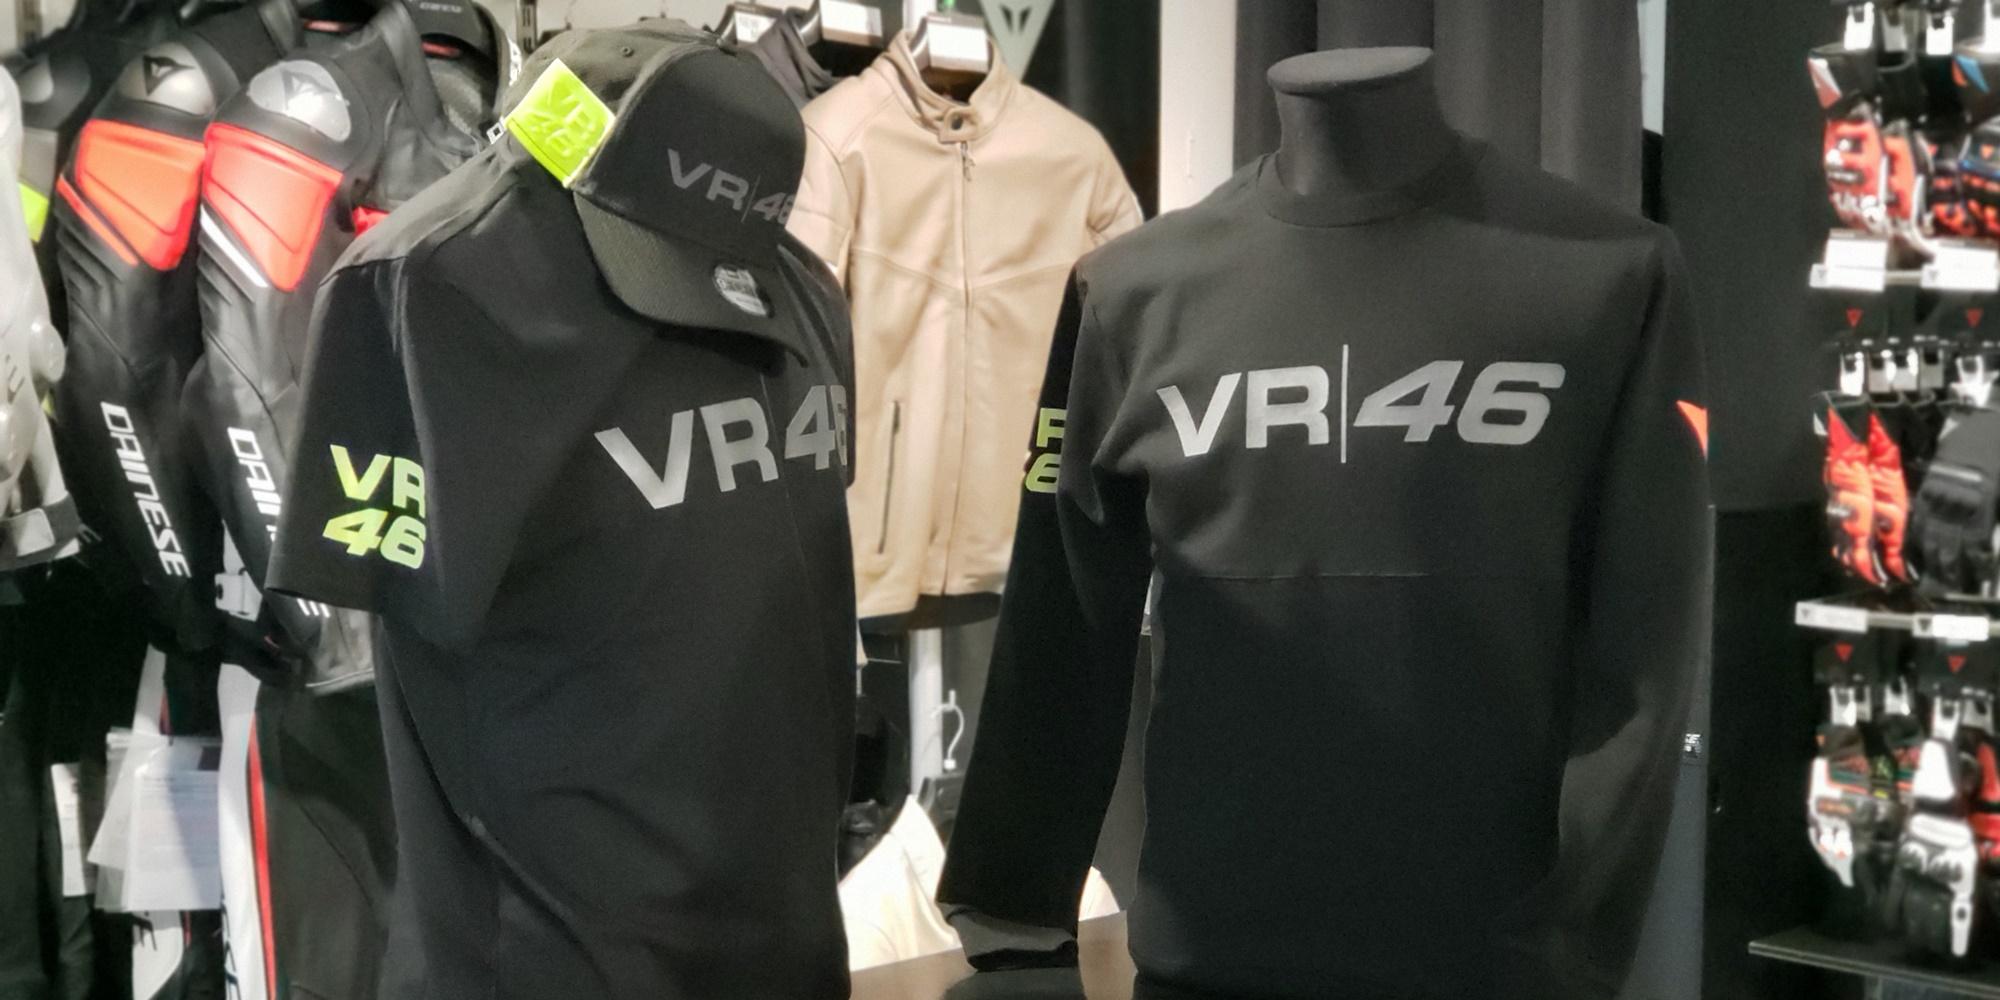 VR46×DAINESEコラボのカジュアルウェア2点入荷いたしました。